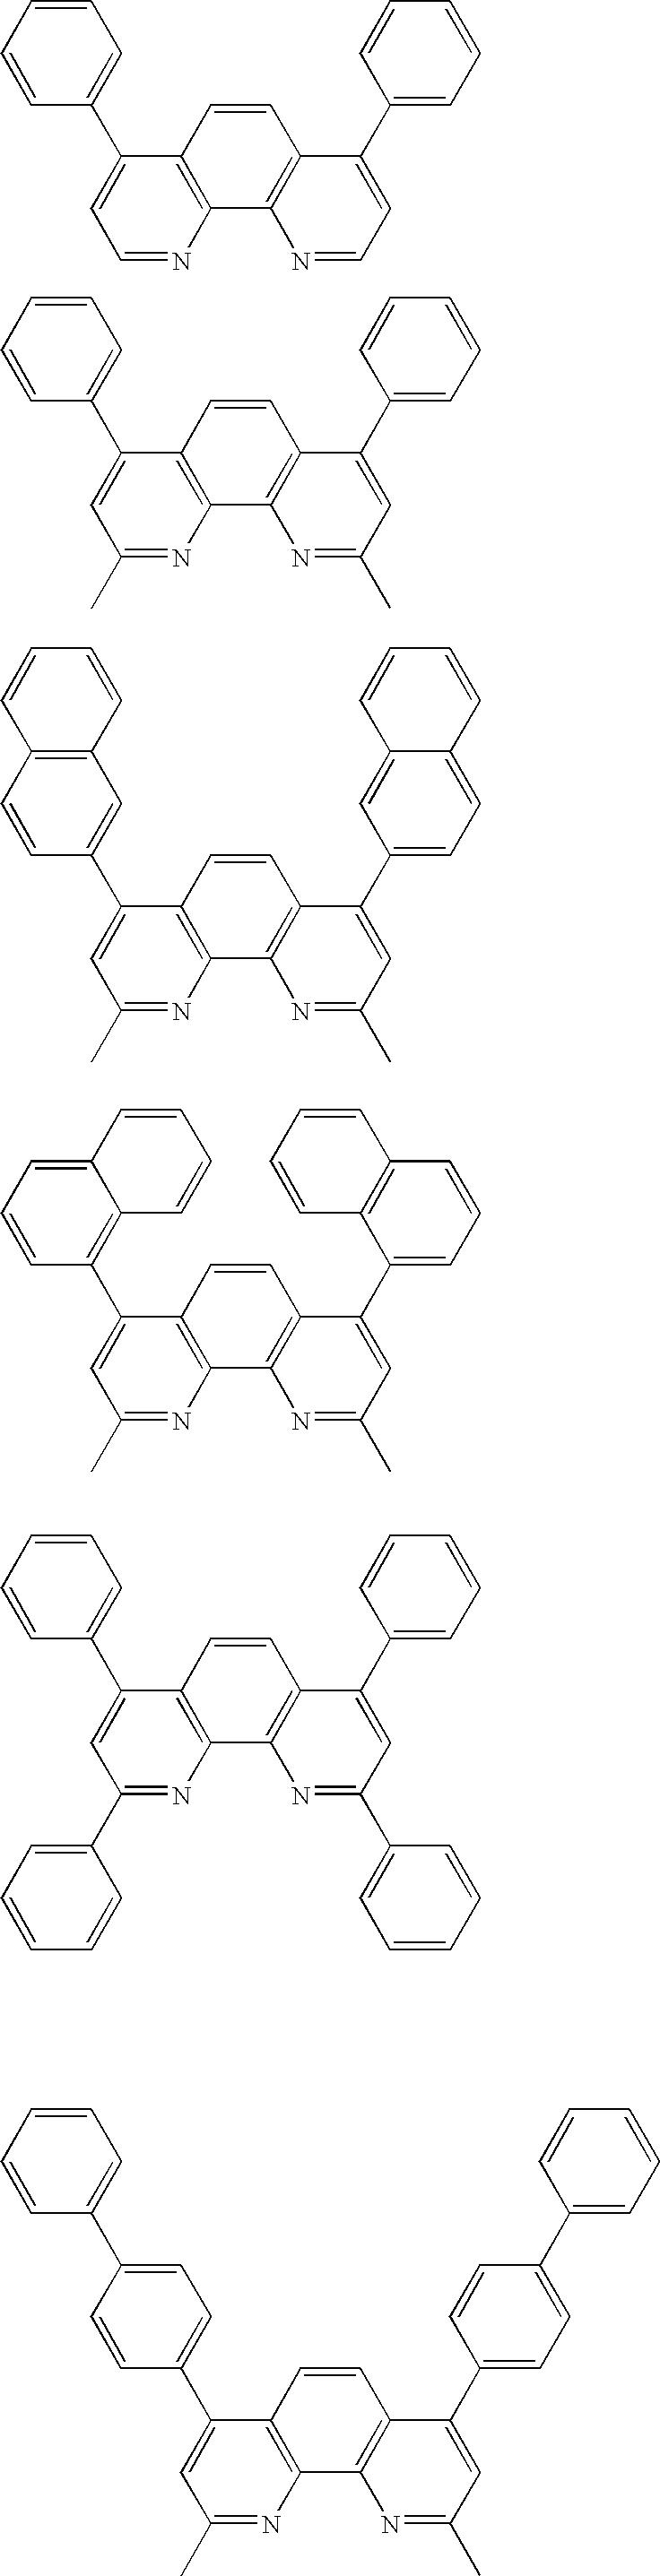 Figure US20060134464A1-20060622-C00028